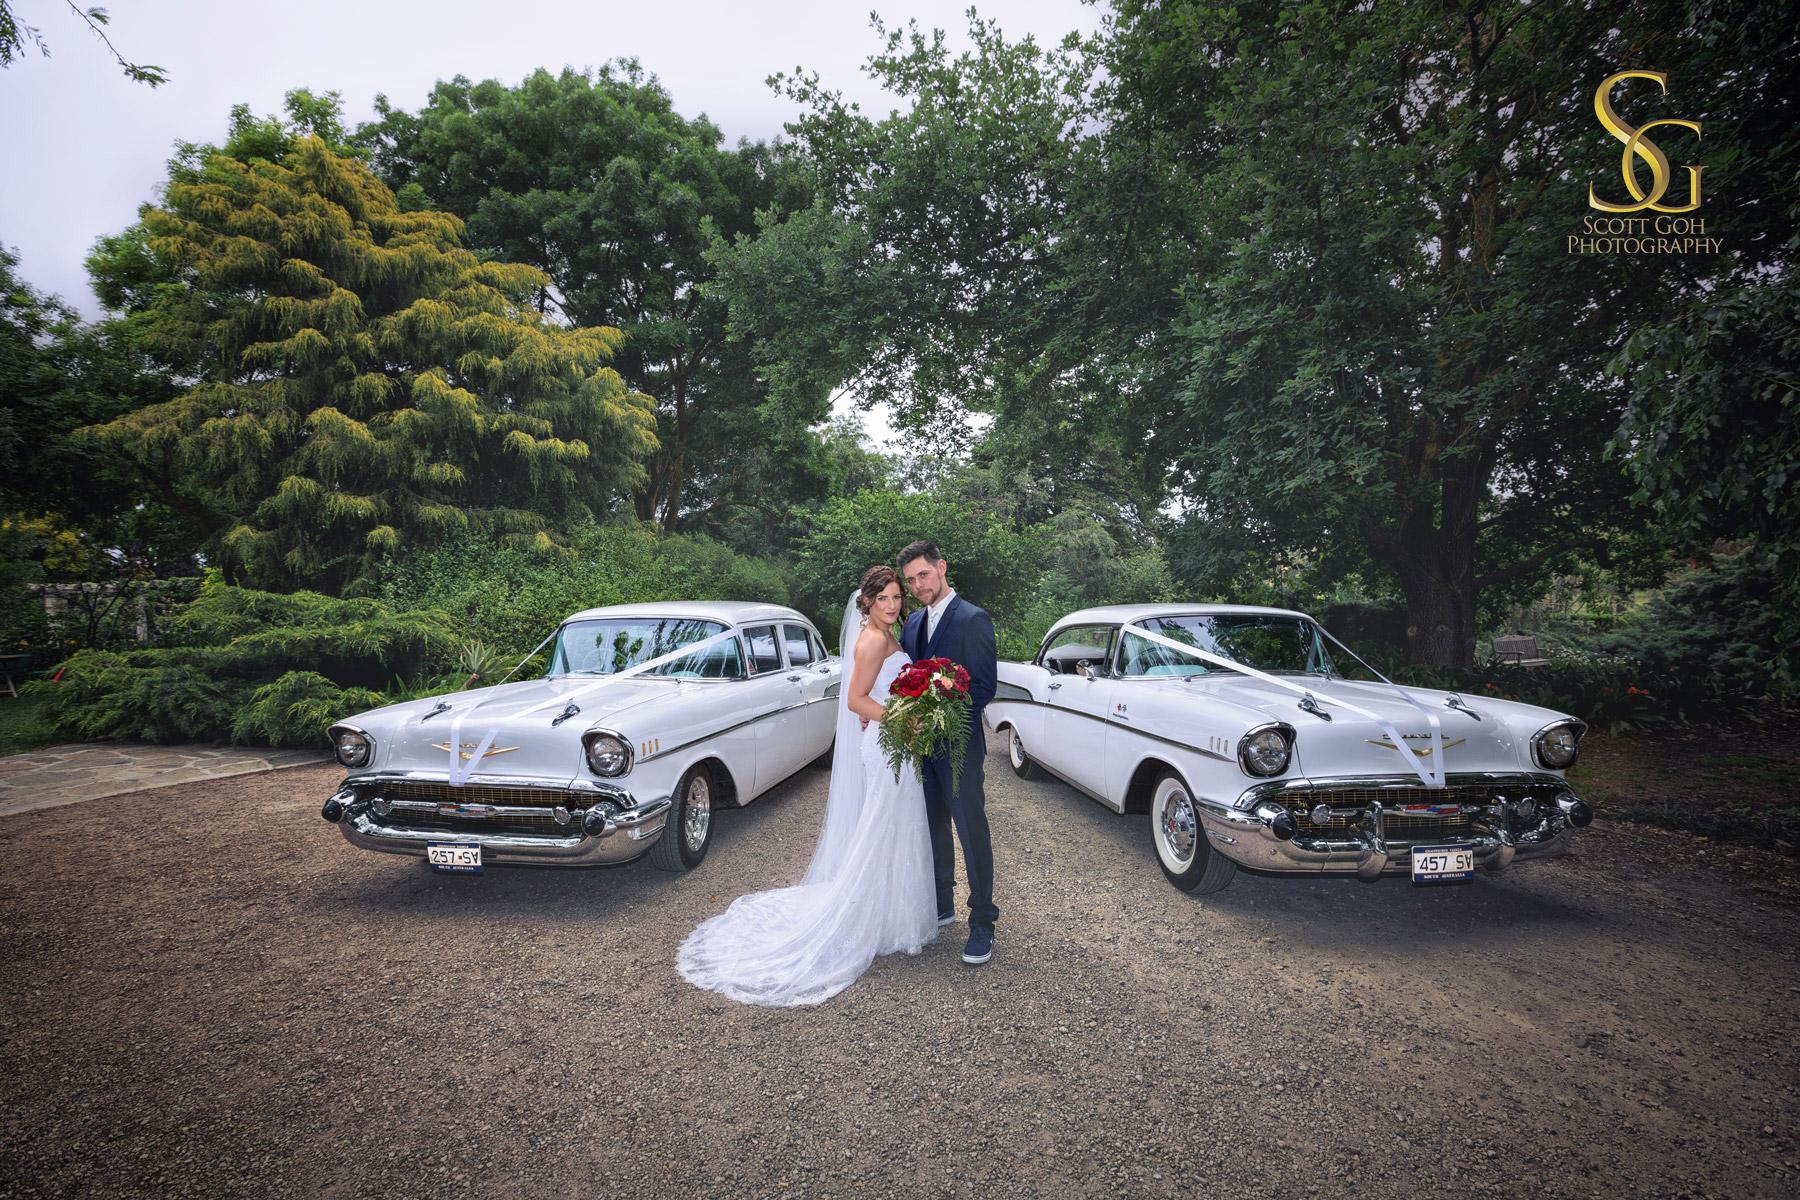 al-ru-alru-farm-wedding-photography-01.jpg